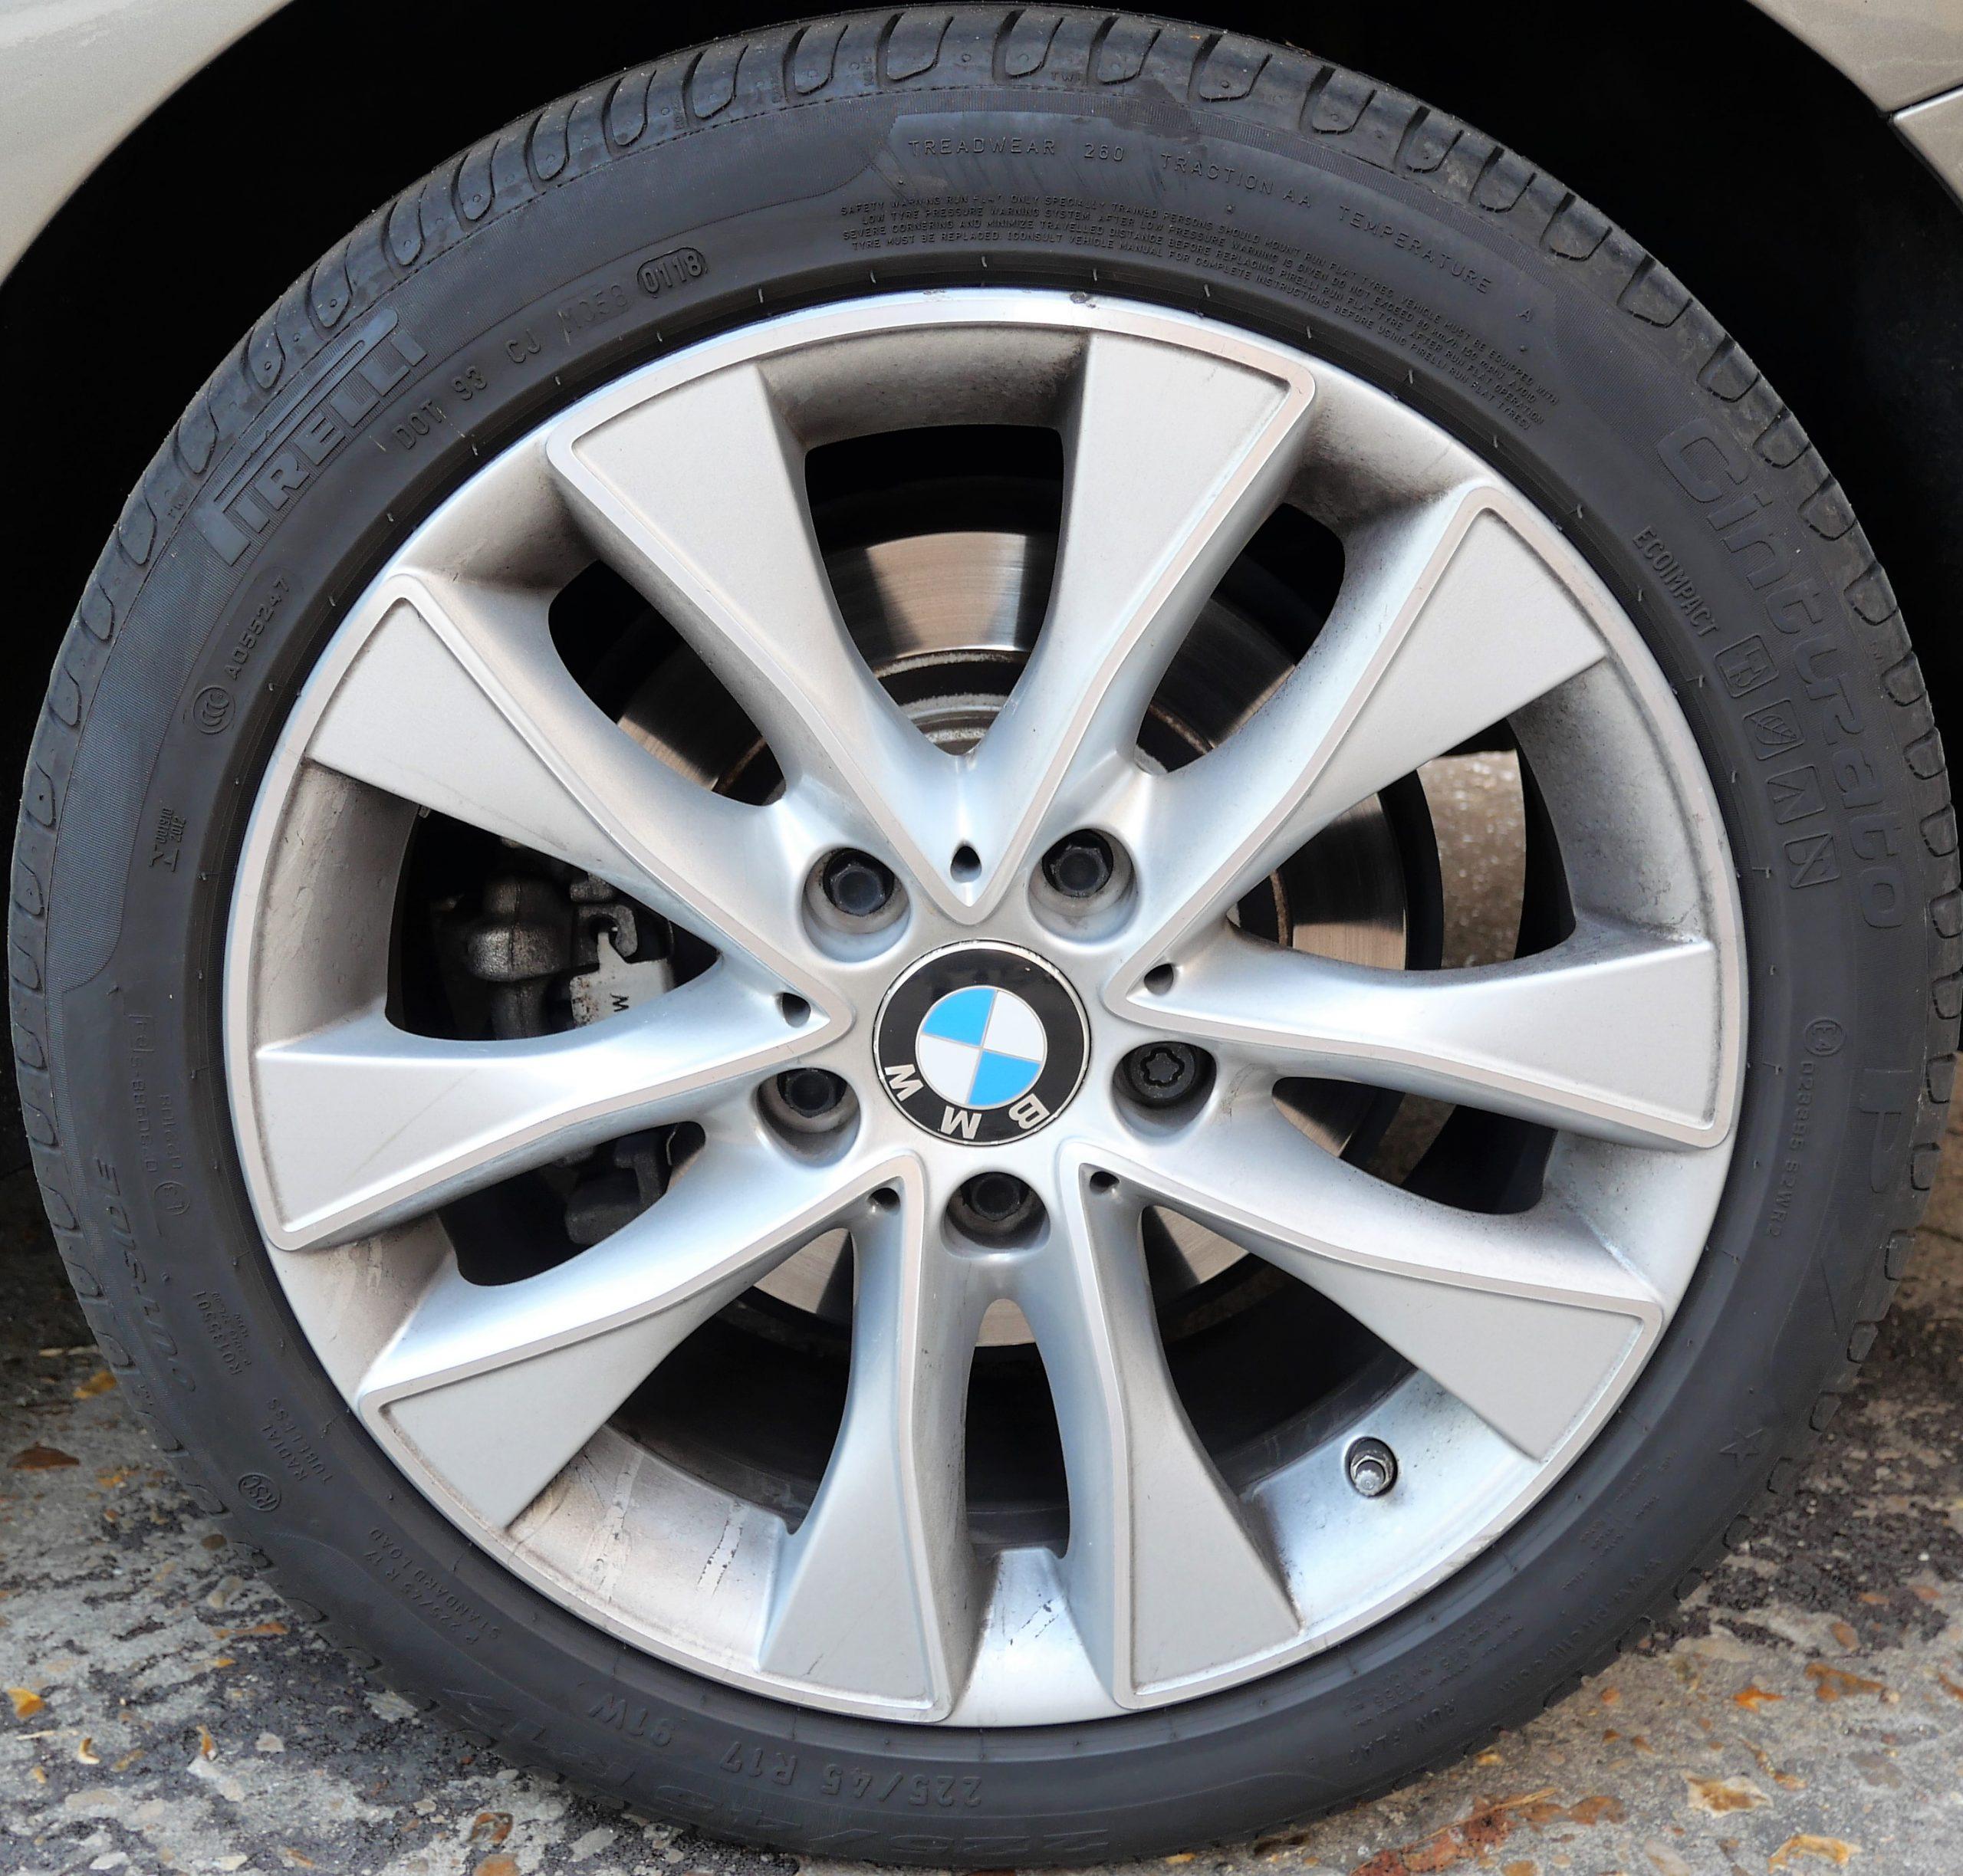 BMW Série 1 (F20) XDrive LCI 120d 2.0 d 190ch 19